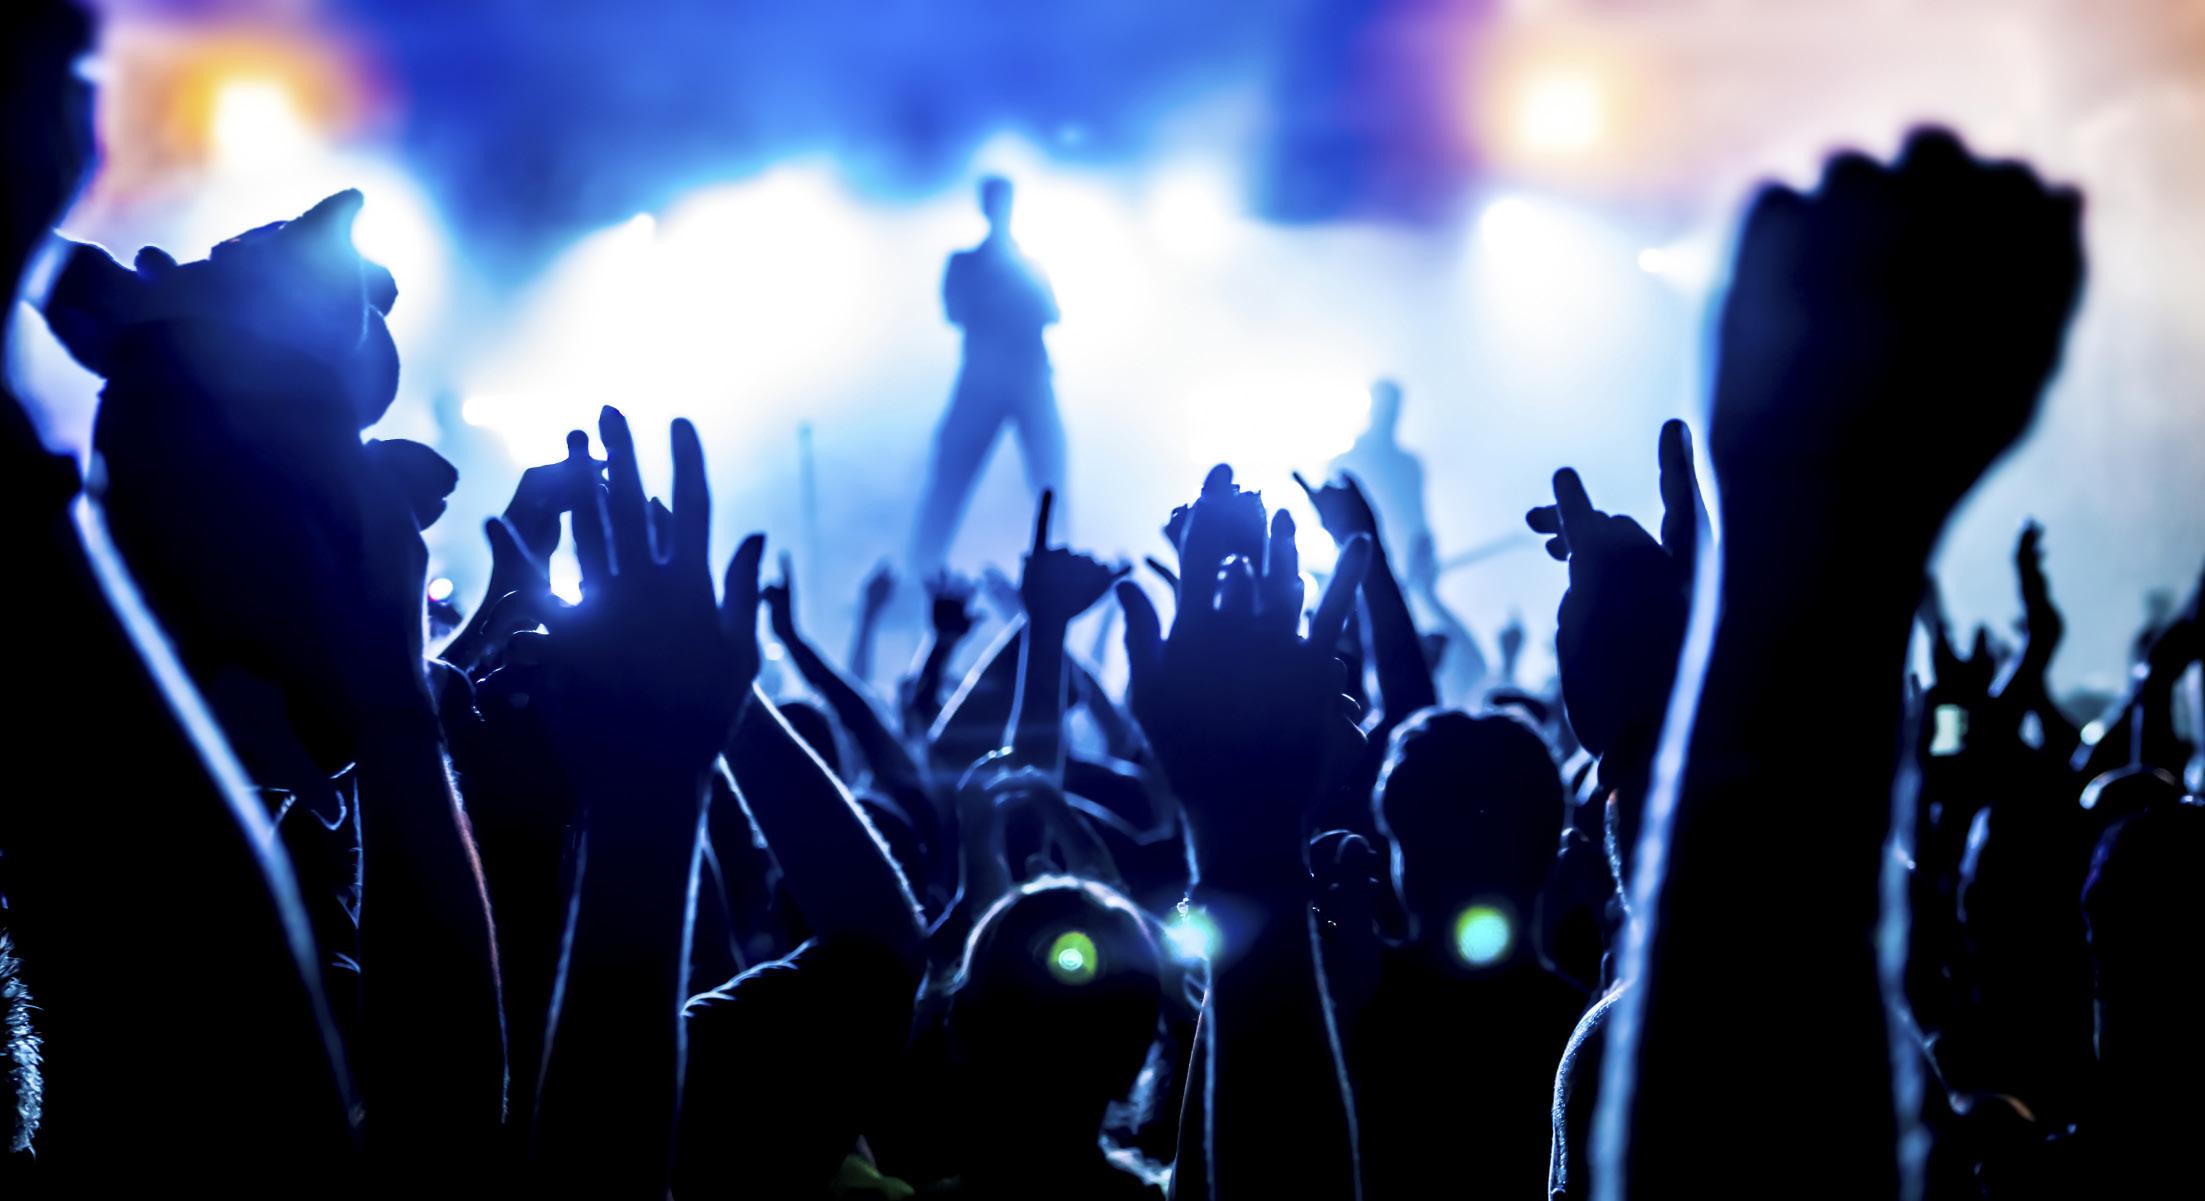 concert-hands-1526227585.jpg